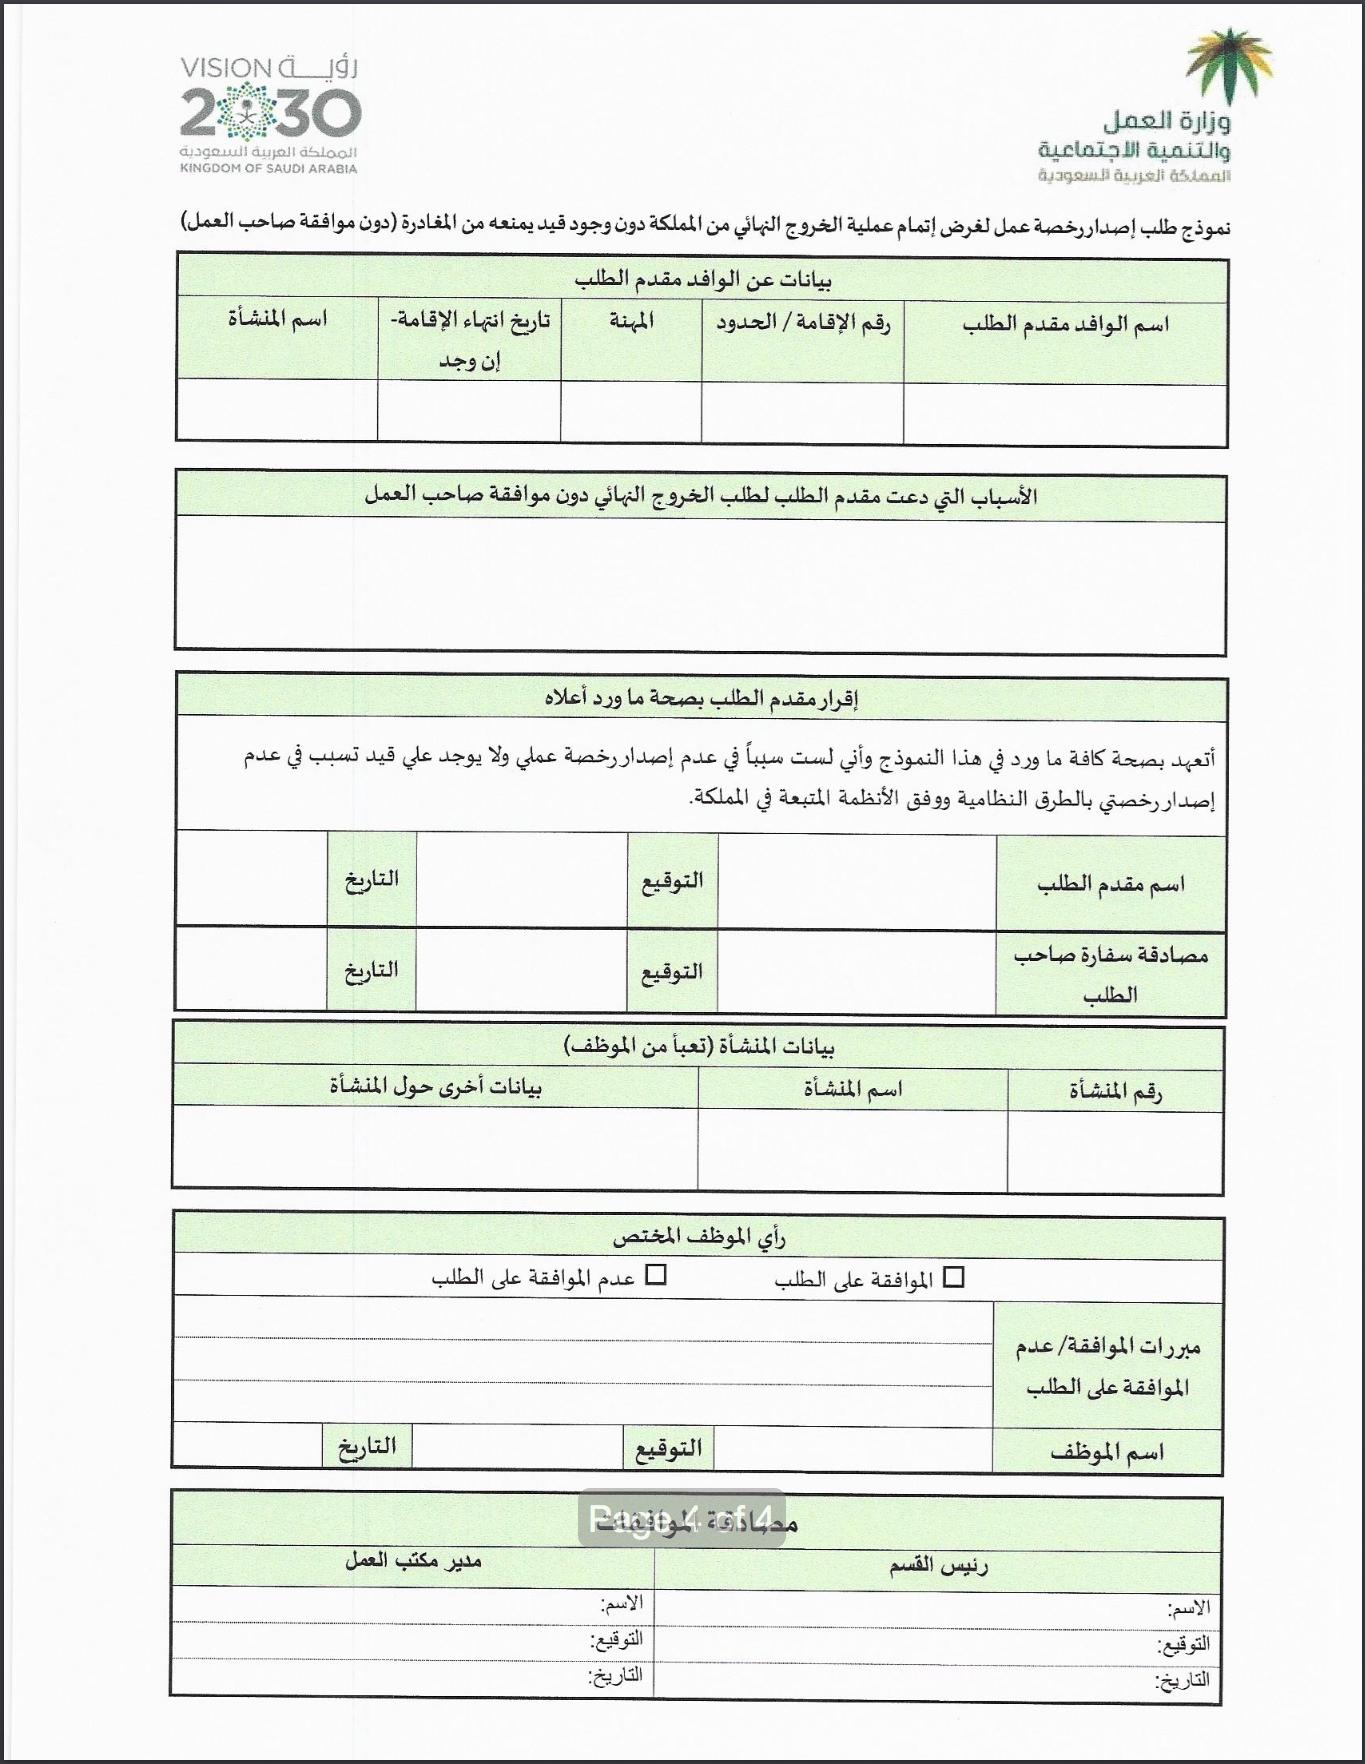 تعميم من وزارة العمل والتنمية الاجتماعية للخروج النهائي للعمالة الوافدة Private Sector Sheet Music Government